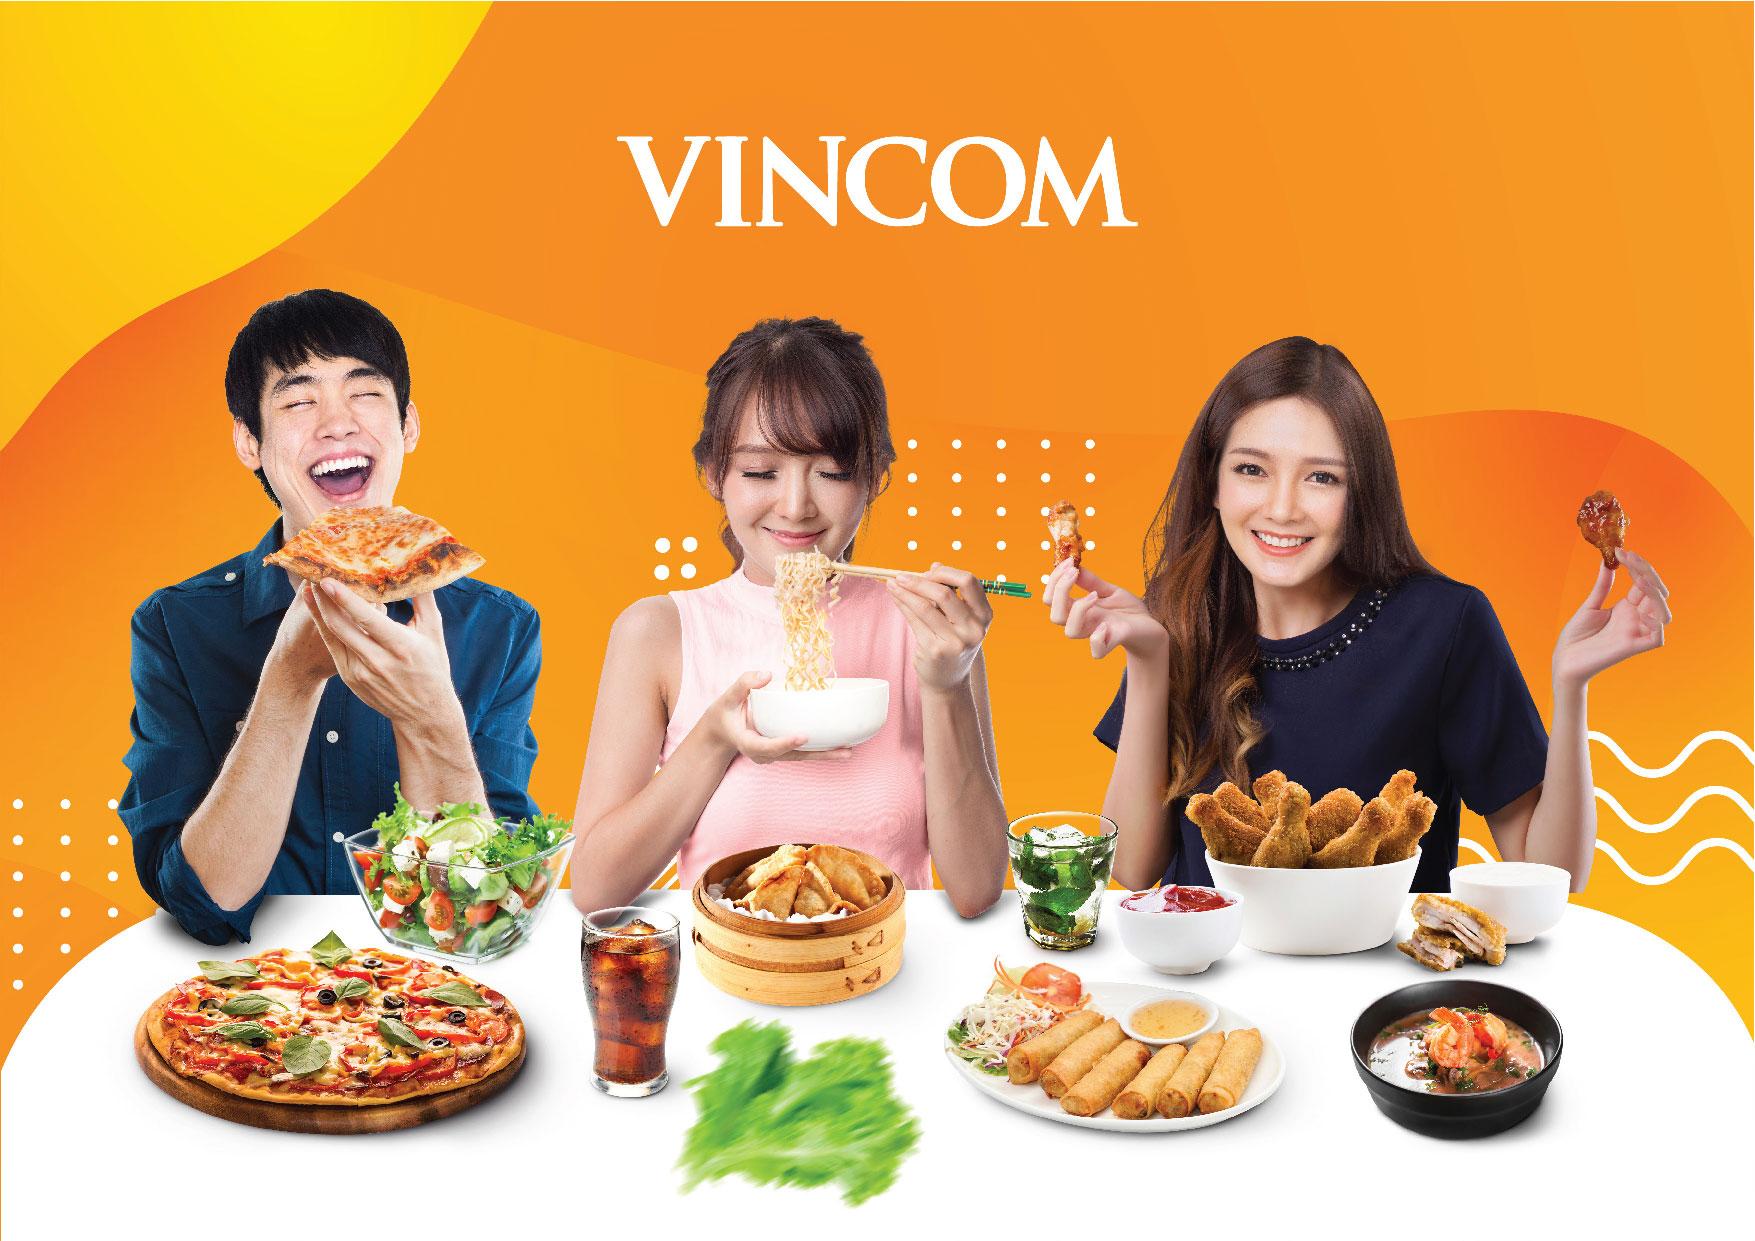 Vincom-52